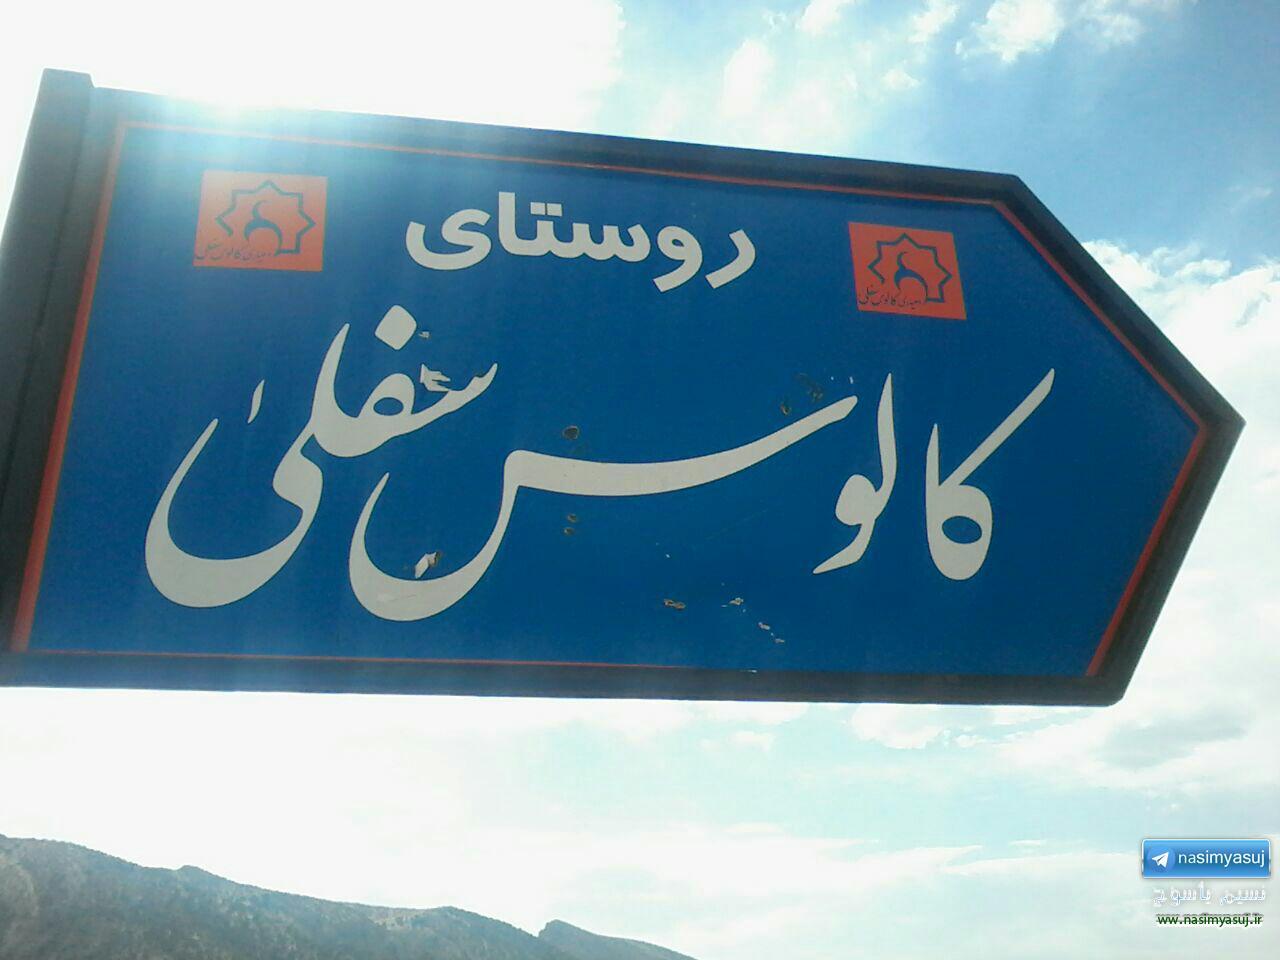 تصاویری از روستای کالوس سفلی از توابع شهرستان بویراحمد